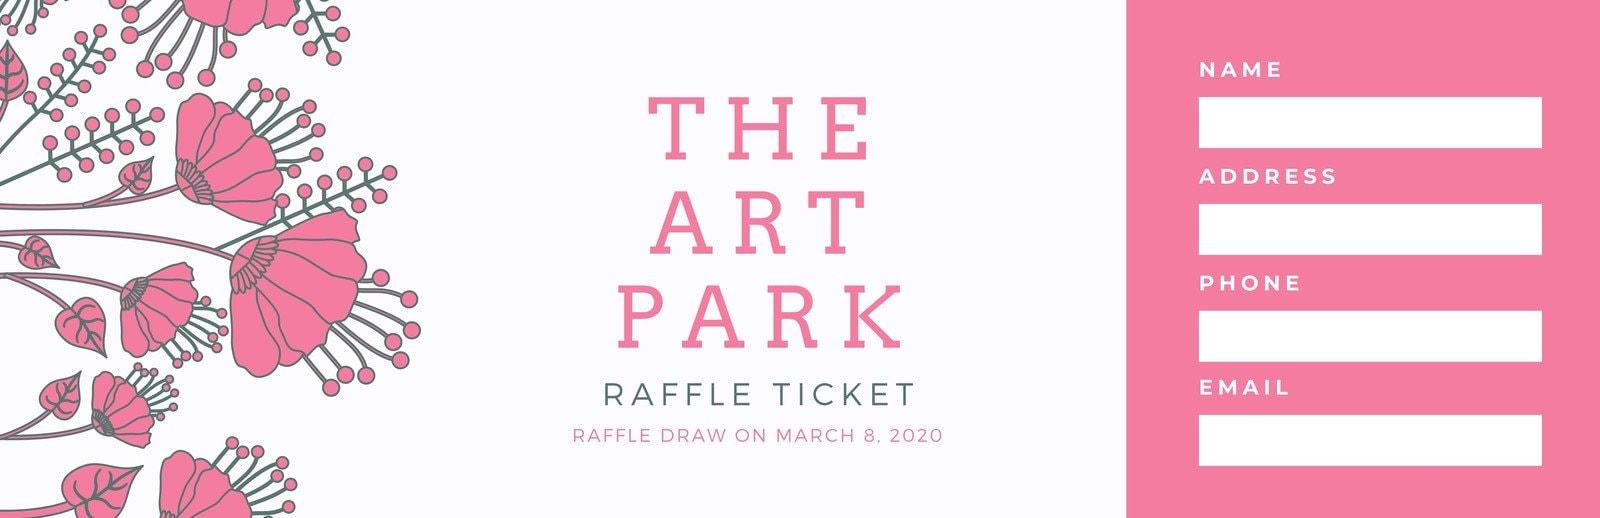 Pink Floral Illustration Raffle Ticket